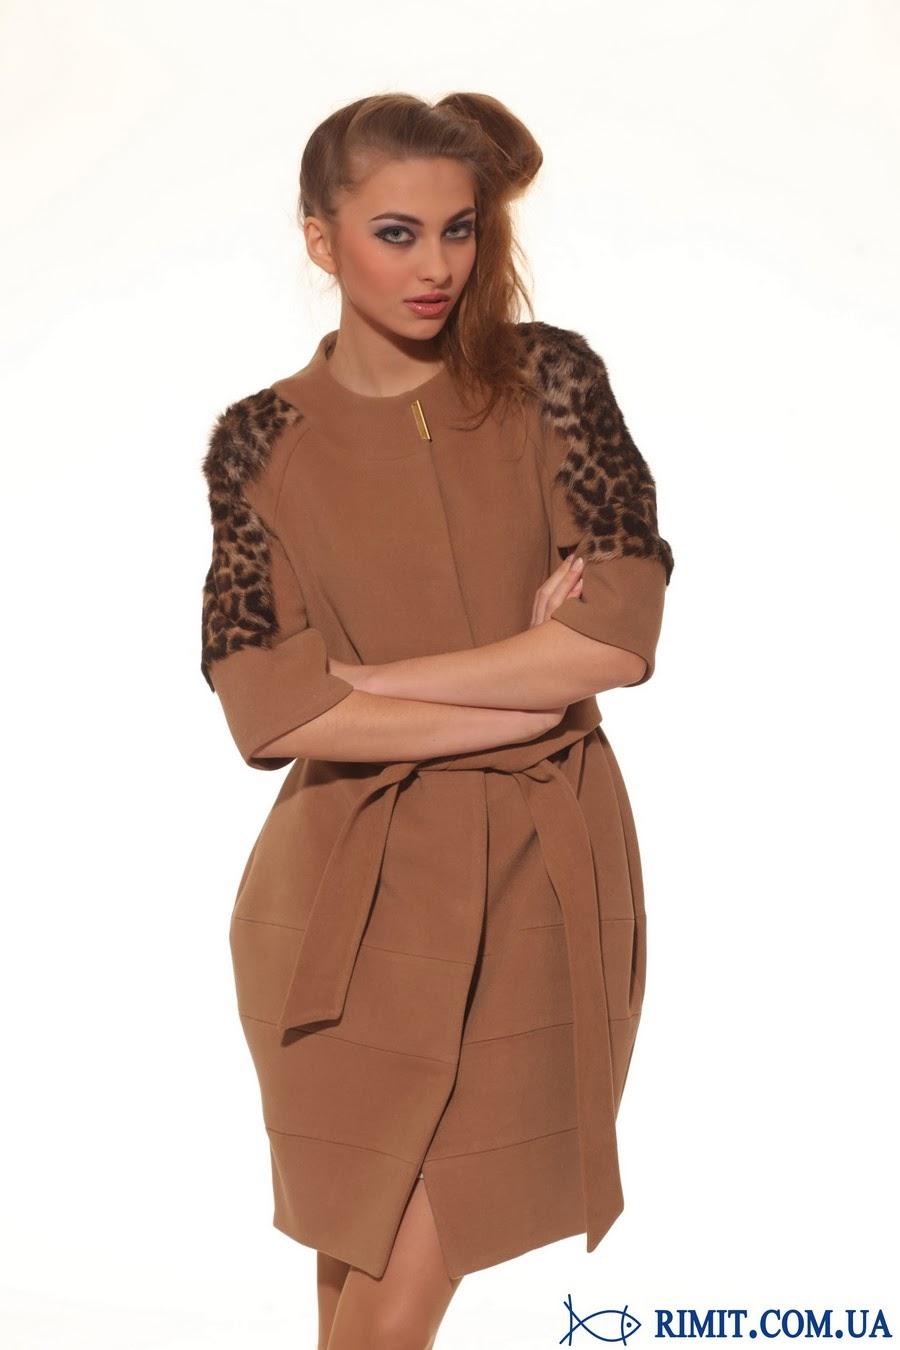 албио интернет магазин женской одежды официальный сайт 2016